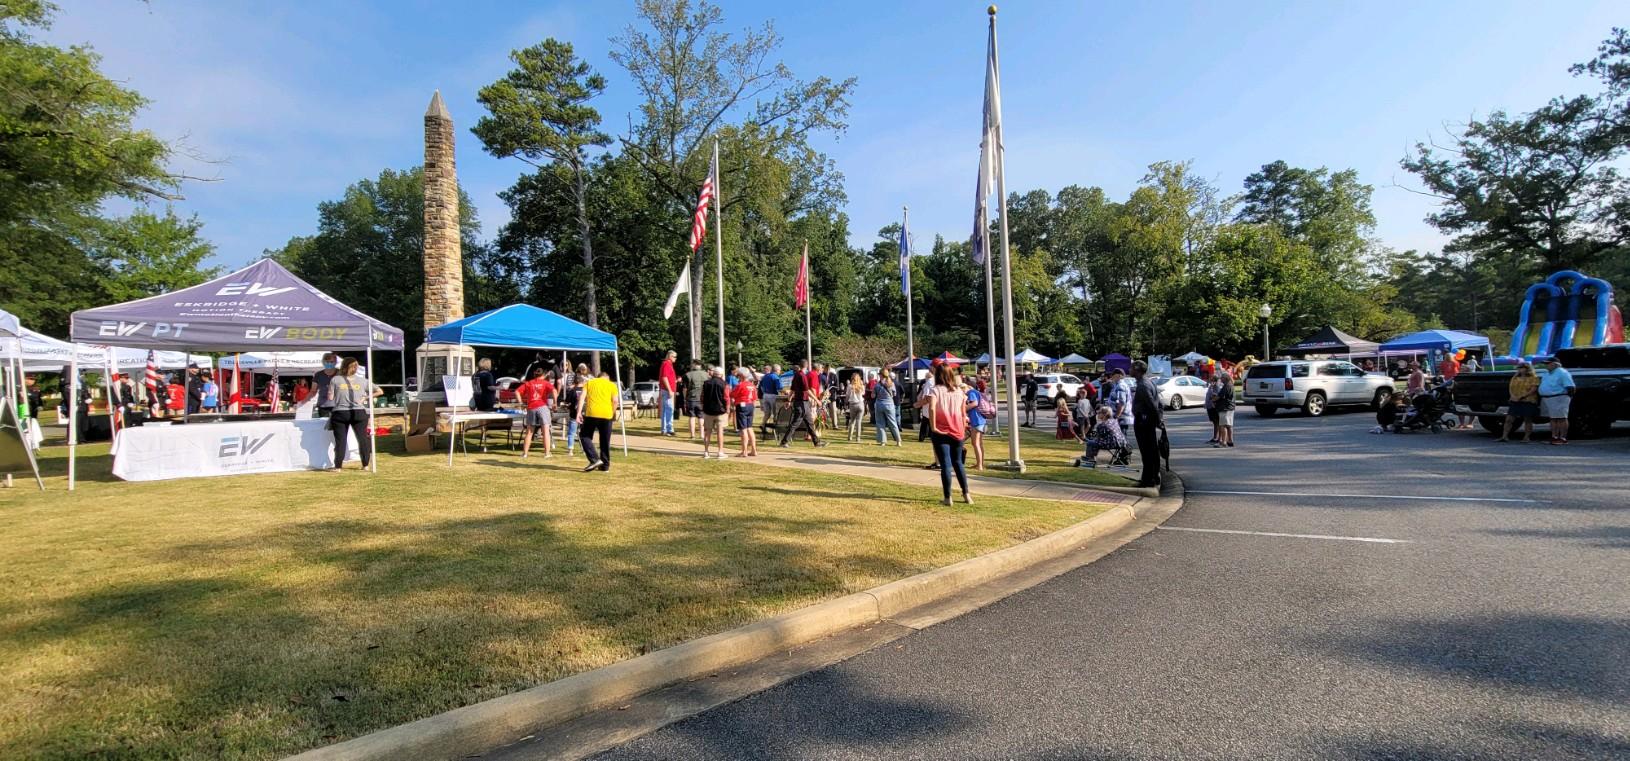 Trussville City Fest is